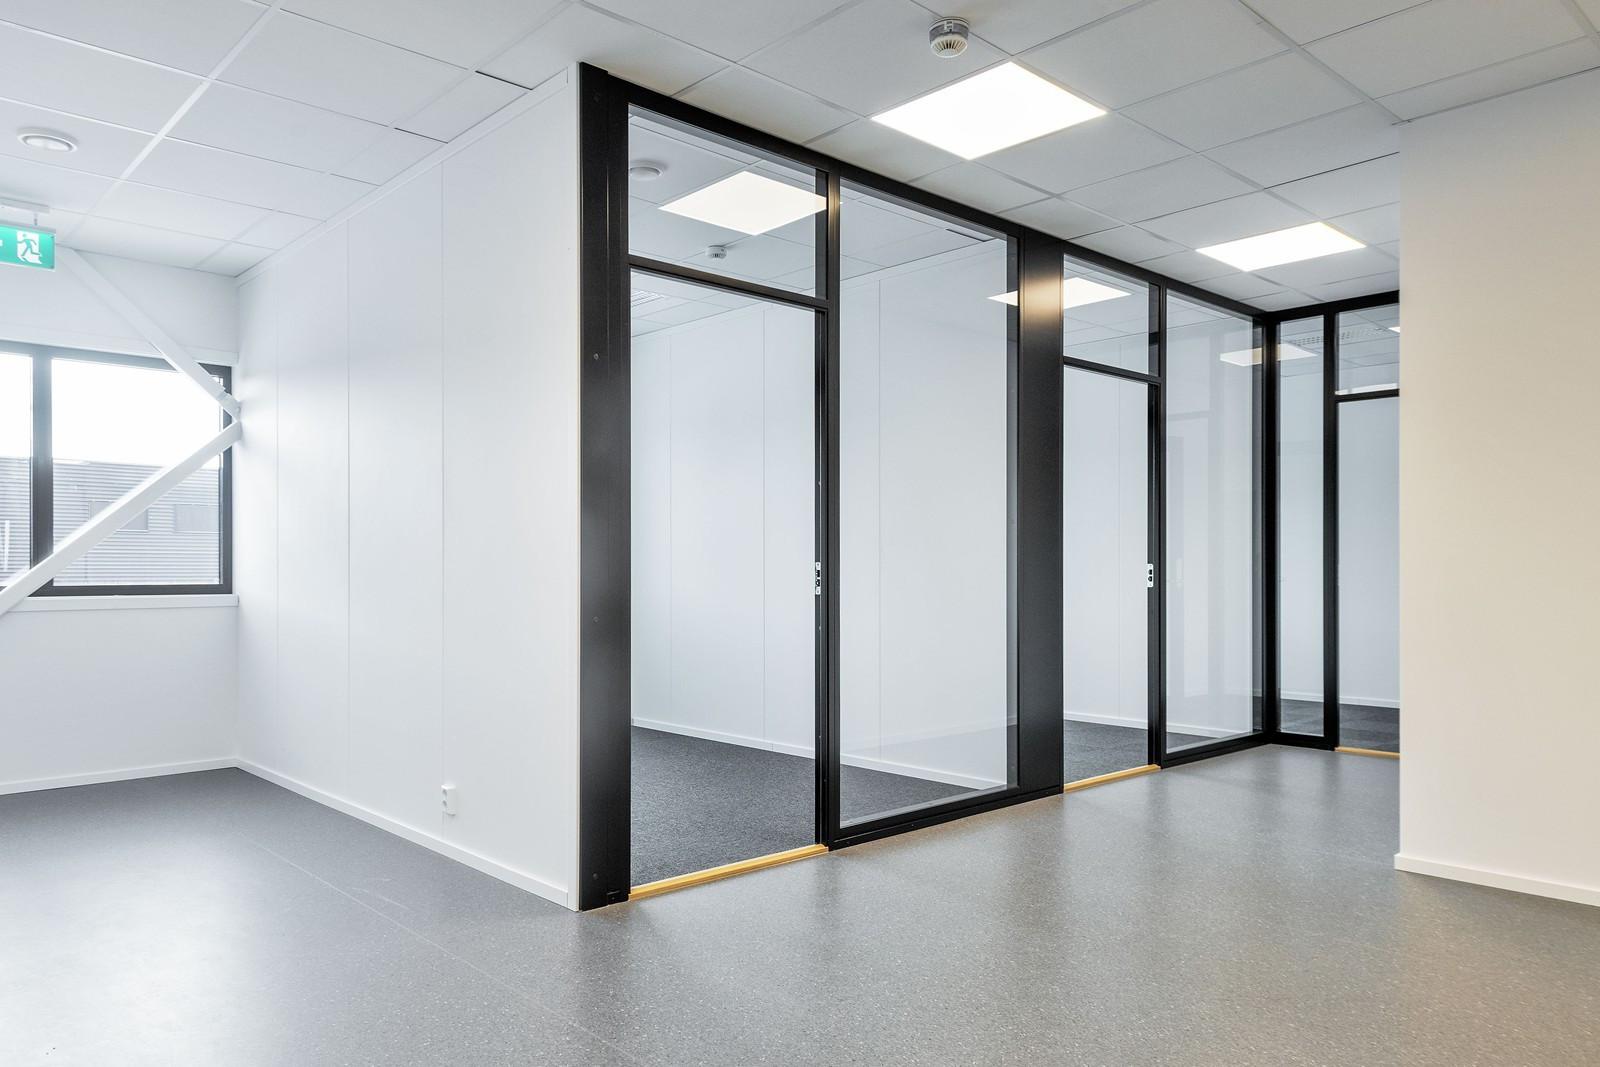 Innredet lokale - lyst kontorlokale med god standard - BYGG 2